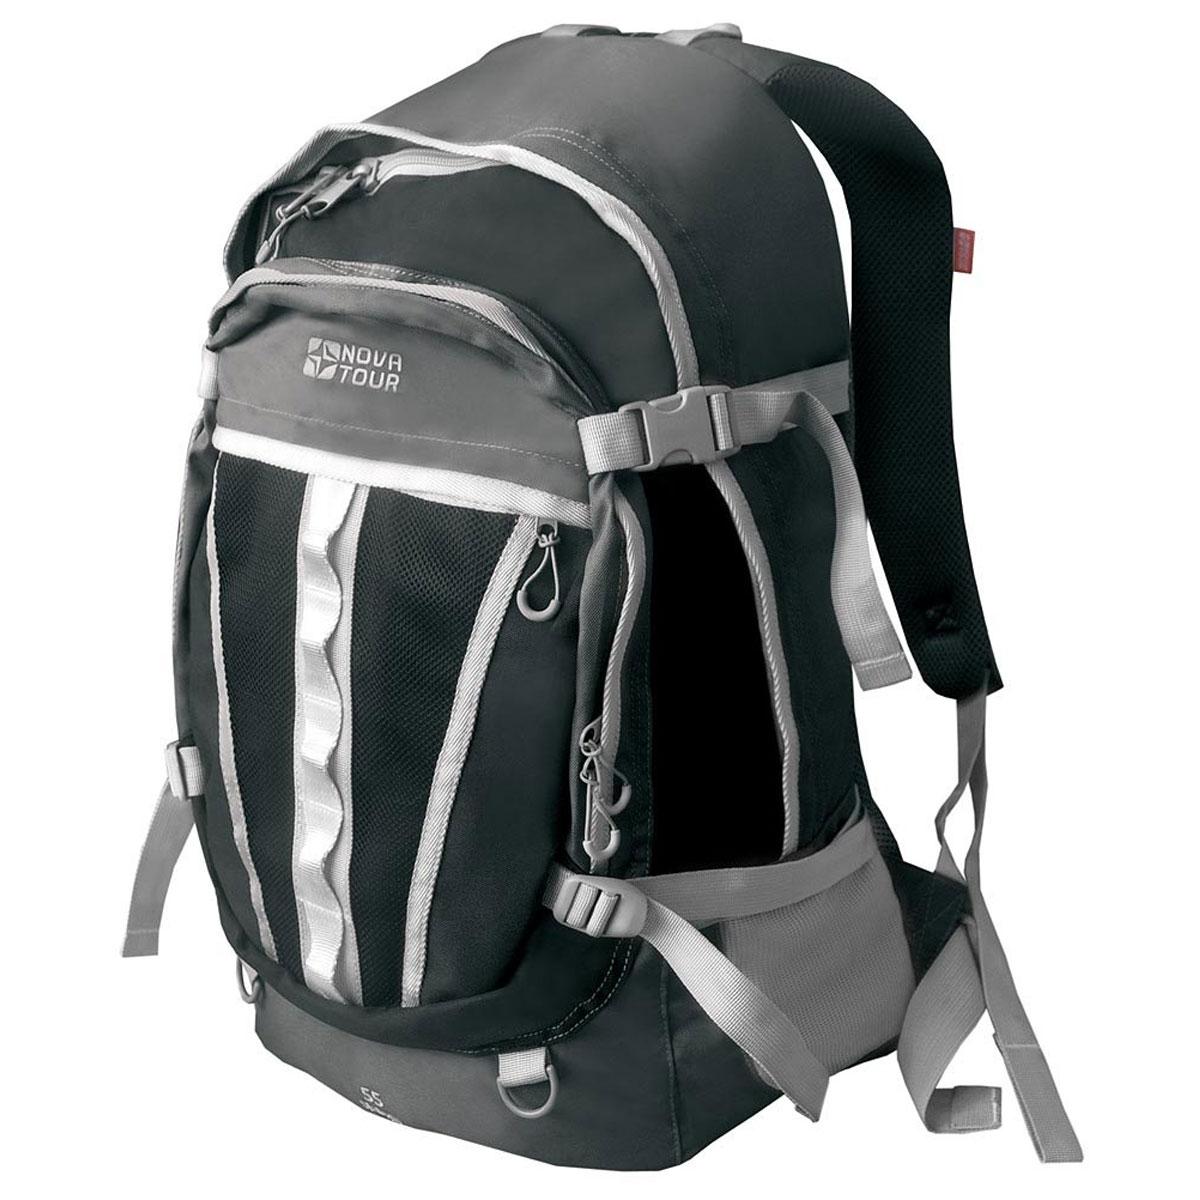 Рюкзак городской Nova Tour Слалом 55 V2, цвет: черный. 95138-902-0095138-902-00Если все, что нужно ежедневно носить с собой, не помещается в обычный рюкзак, то Слалом 55 V2 специально для вас. Два вместительных отделения можно уменьшить боковыми стяжками или наоборот, если что-то не поместилось внутри, навесить снаружи на узлы крепления. Для удобства переноски тяжелого груза, на спинке предусмотрена удобная система подушек Air Mesh с полностью отстегивающимся поясным ремнем.Особенности:Прочная ткань с непромокаемой пропиткой.Сетчатый материал, отводящий влагу от вашего тела. Применяется на лямках, спинках и поясе рюкзака.Грудная стяжка для правильной фиксации лямок рюкзака и предотвращения их соскальзывания.Органайзер позволяет рационально разместить мелкие вещи внутри рюкзака.Объем: 55 л.